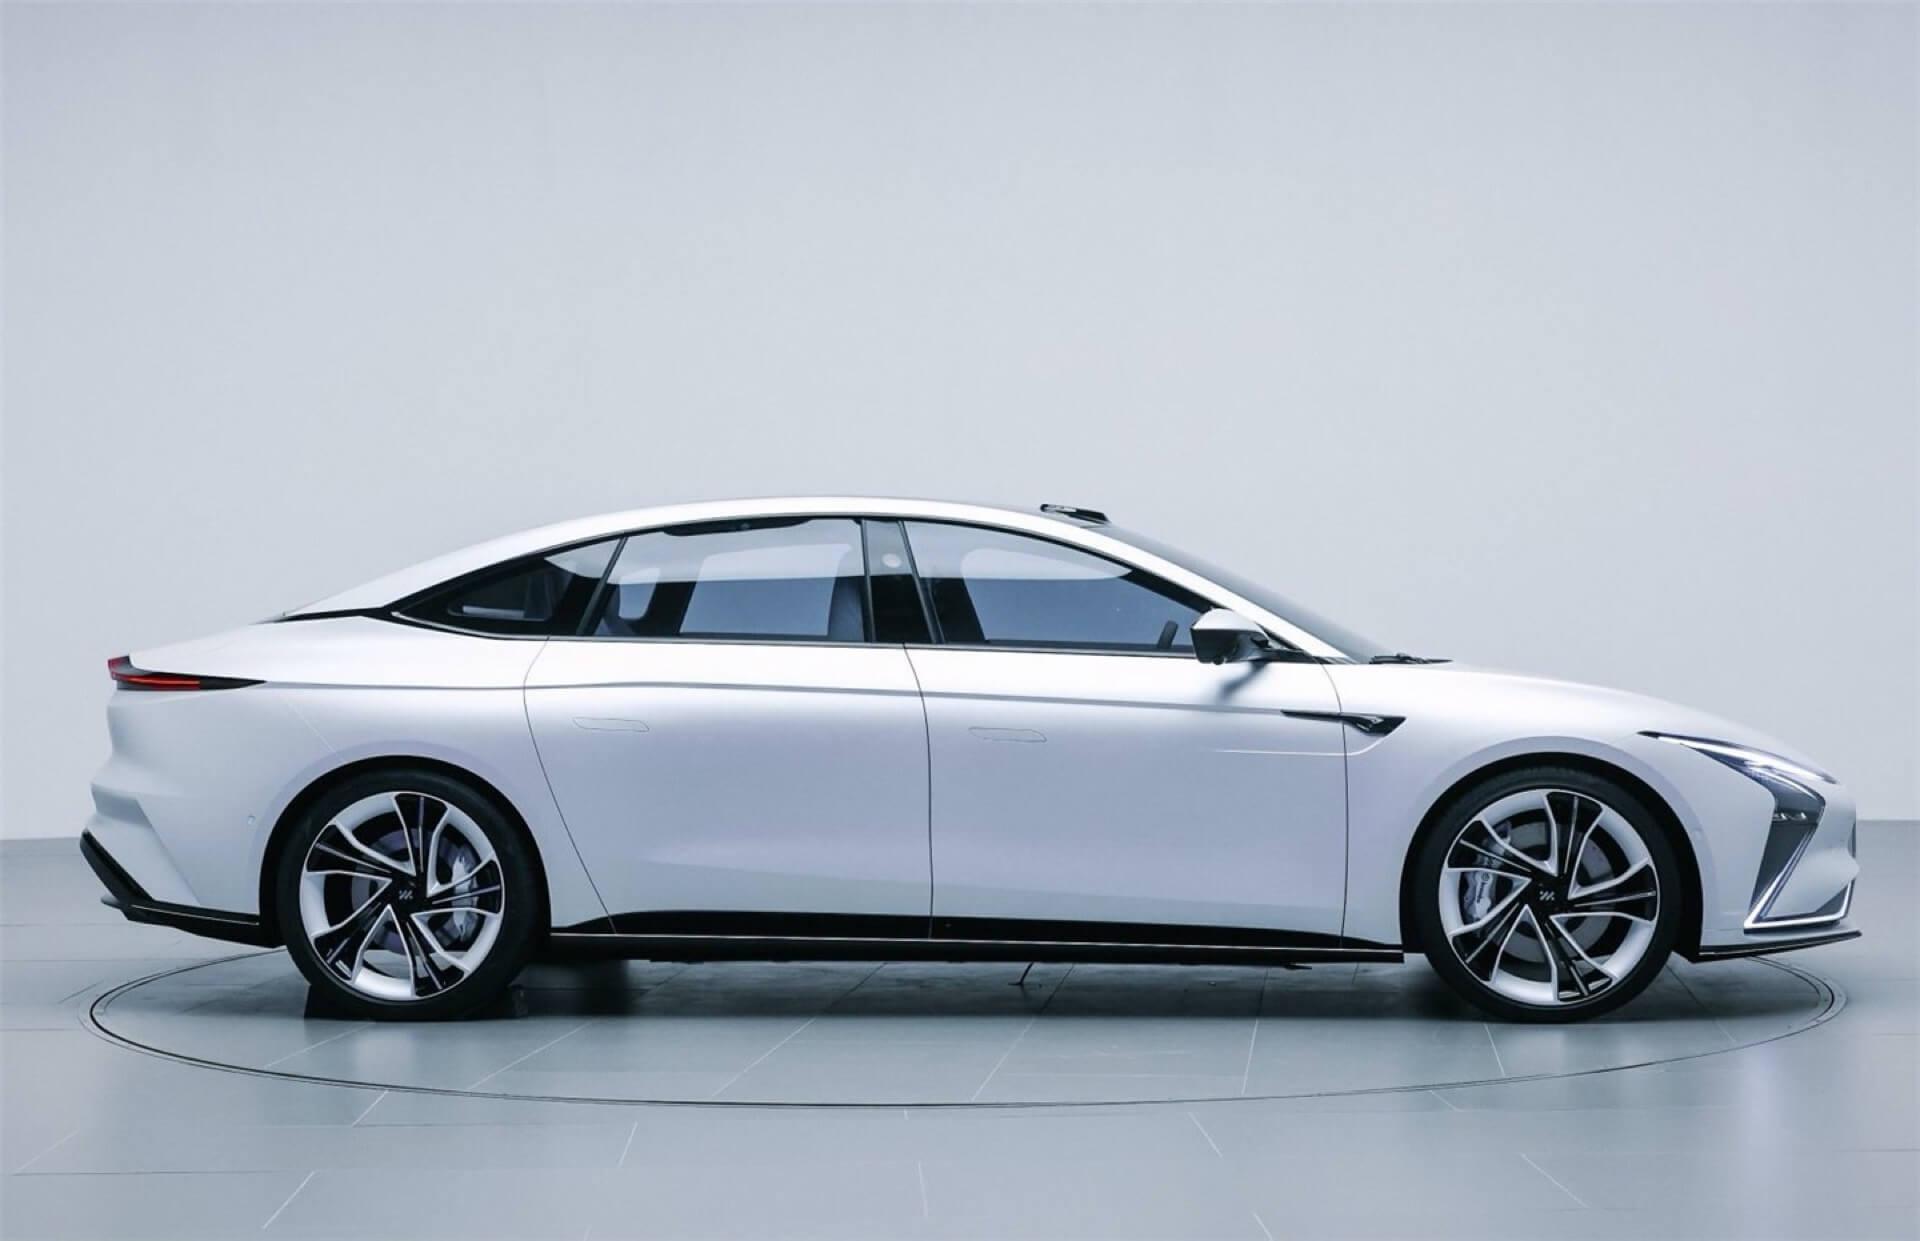 Китайская компания Zhiji Auto представила электромобиль, с которым придется считаться даже Tesla